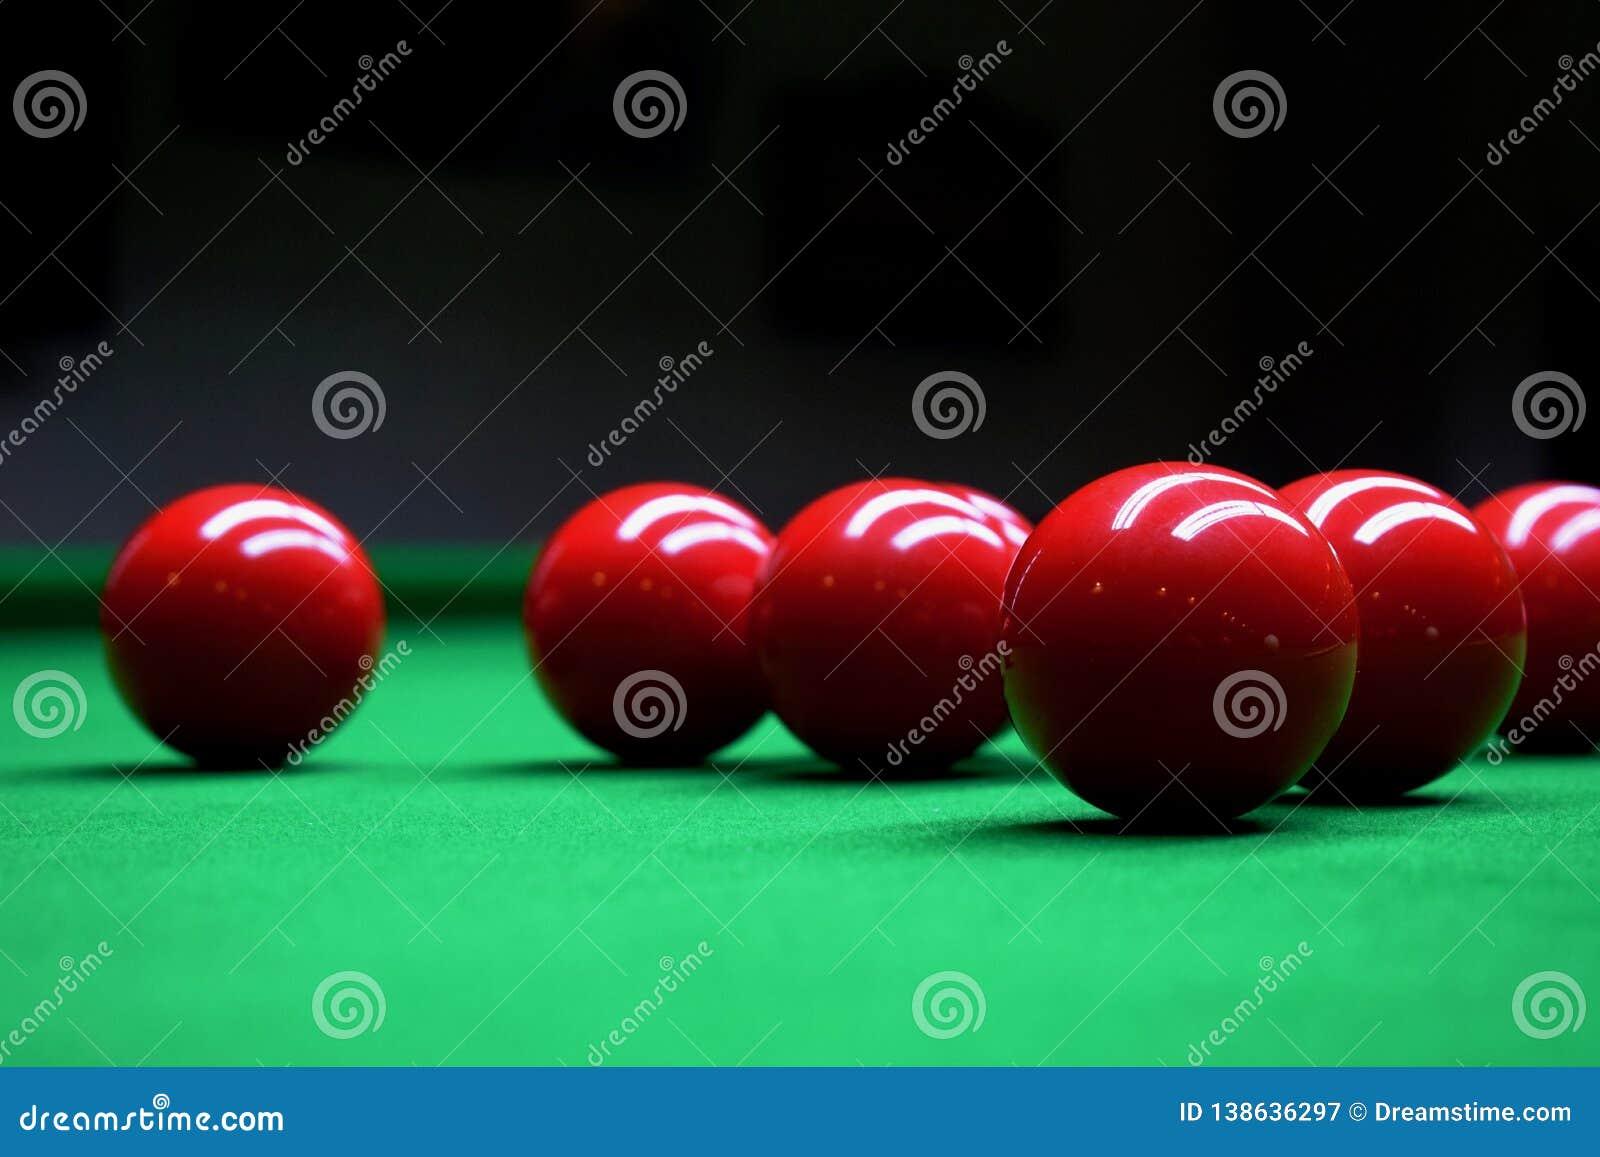 De Rode Ballen van snookerbillard